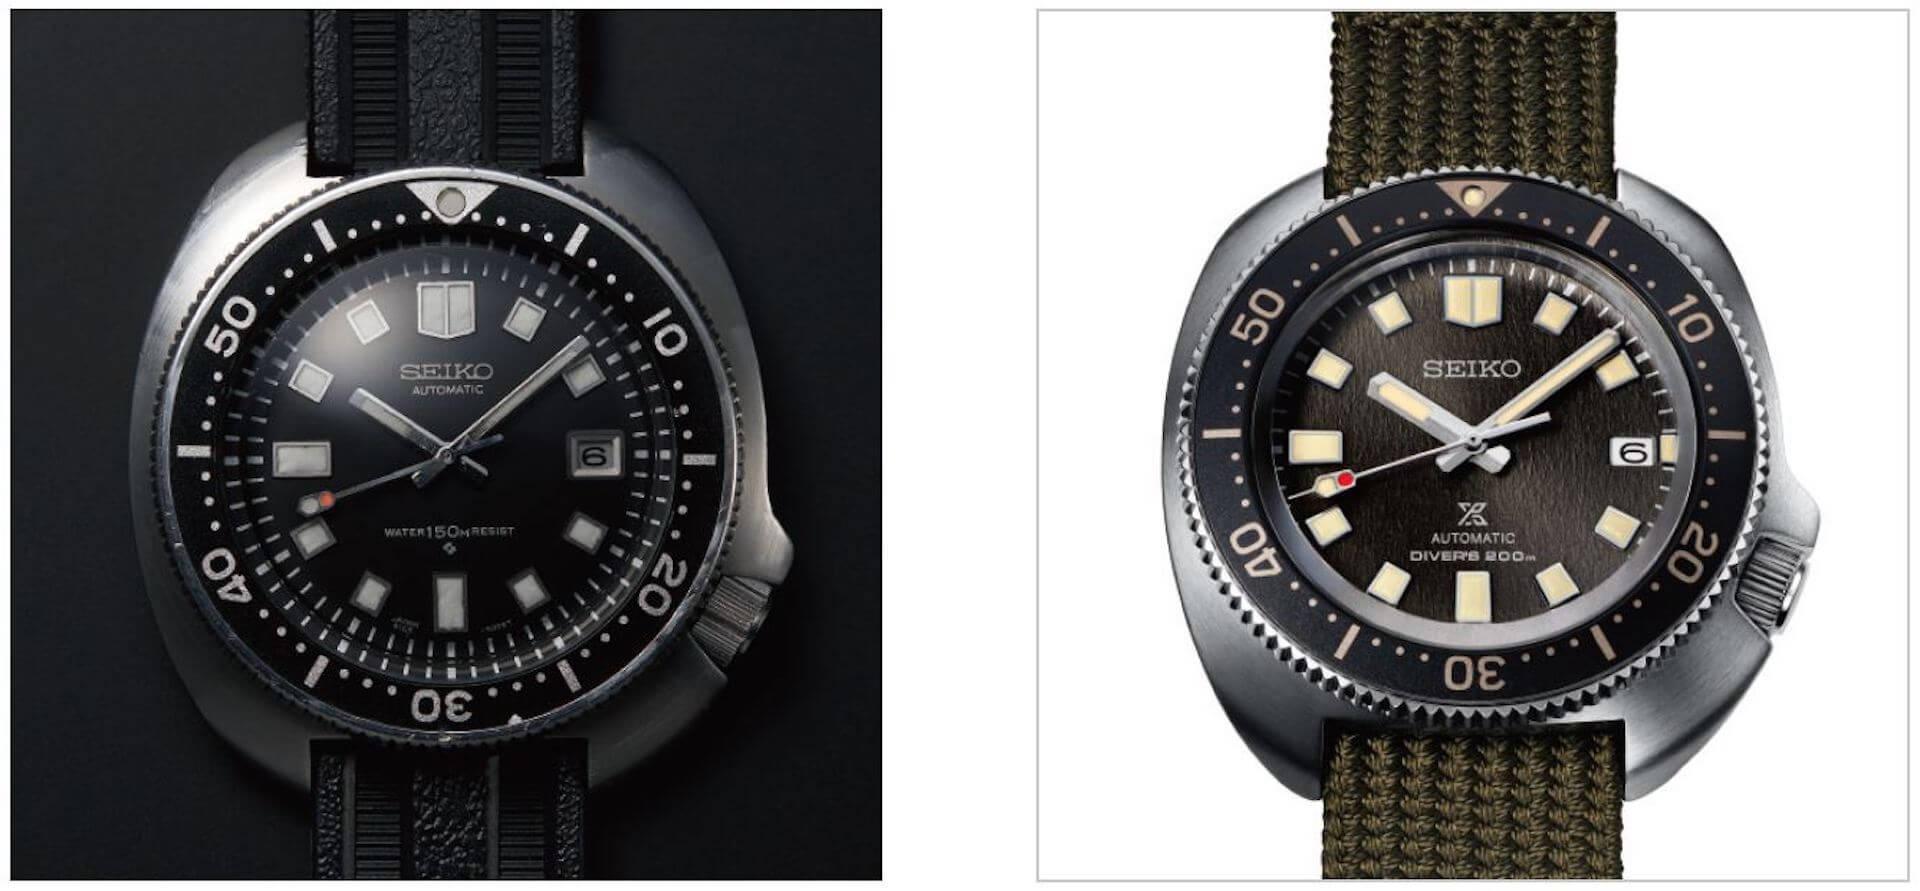 セイコーのダイバーズウォッチにファブリックストラップを採用した新モデル2機種が登場! tech210526_seiko_diverswatch_10